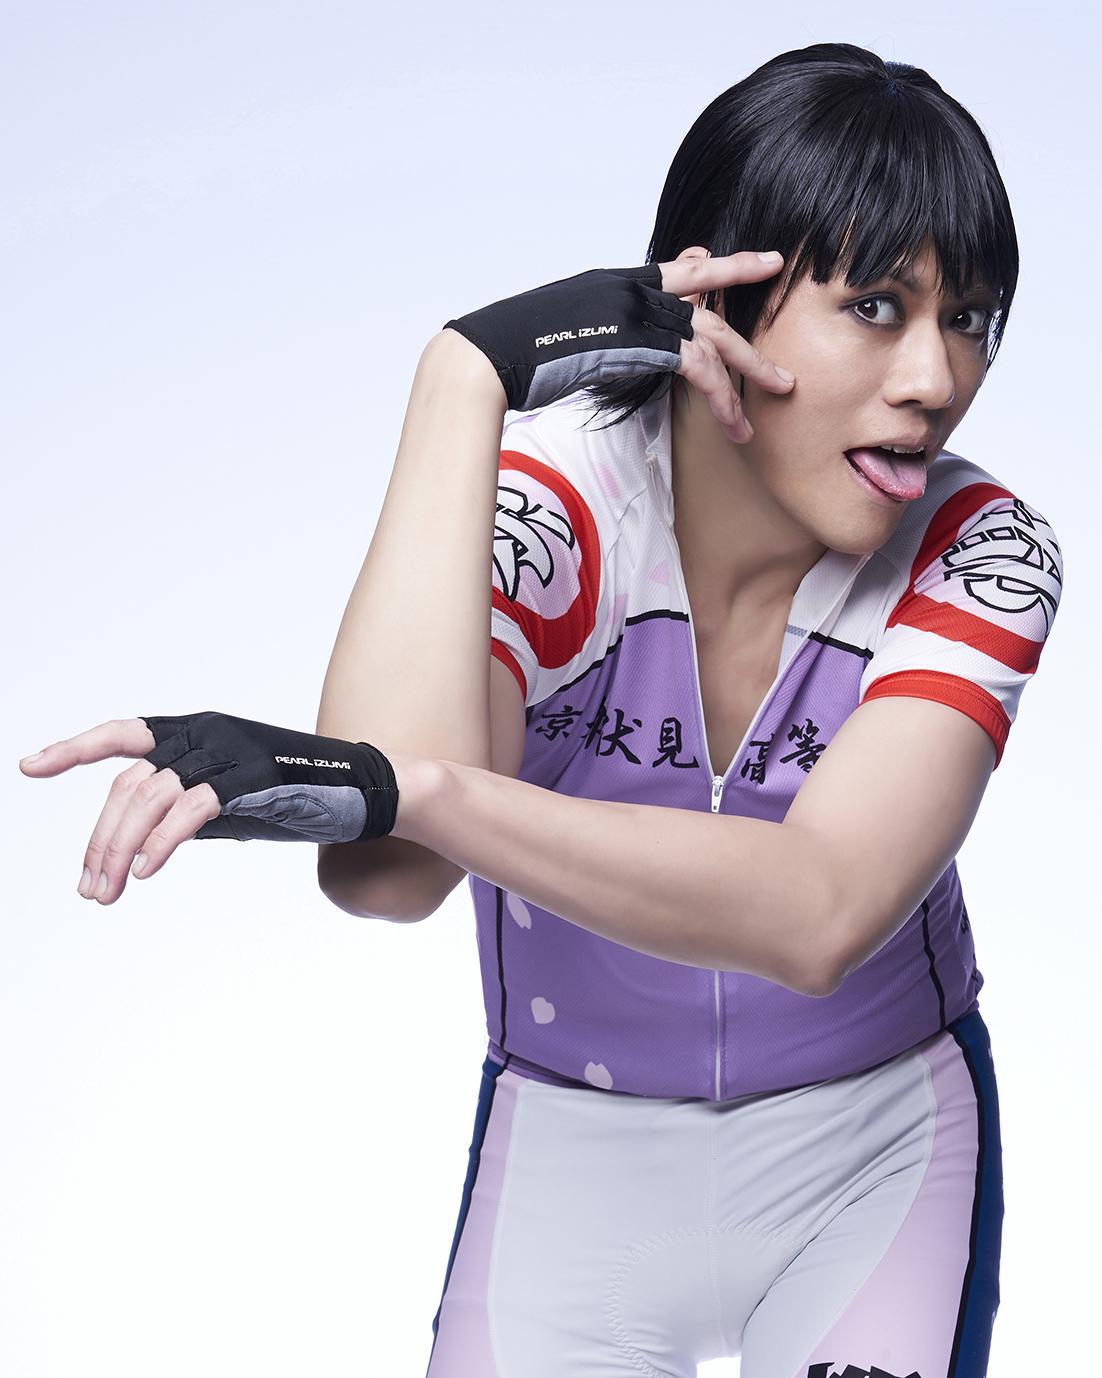 舞台『弱虫ペダル』最新公演からキービジュ・キャラビジュ公開  イメージ画像